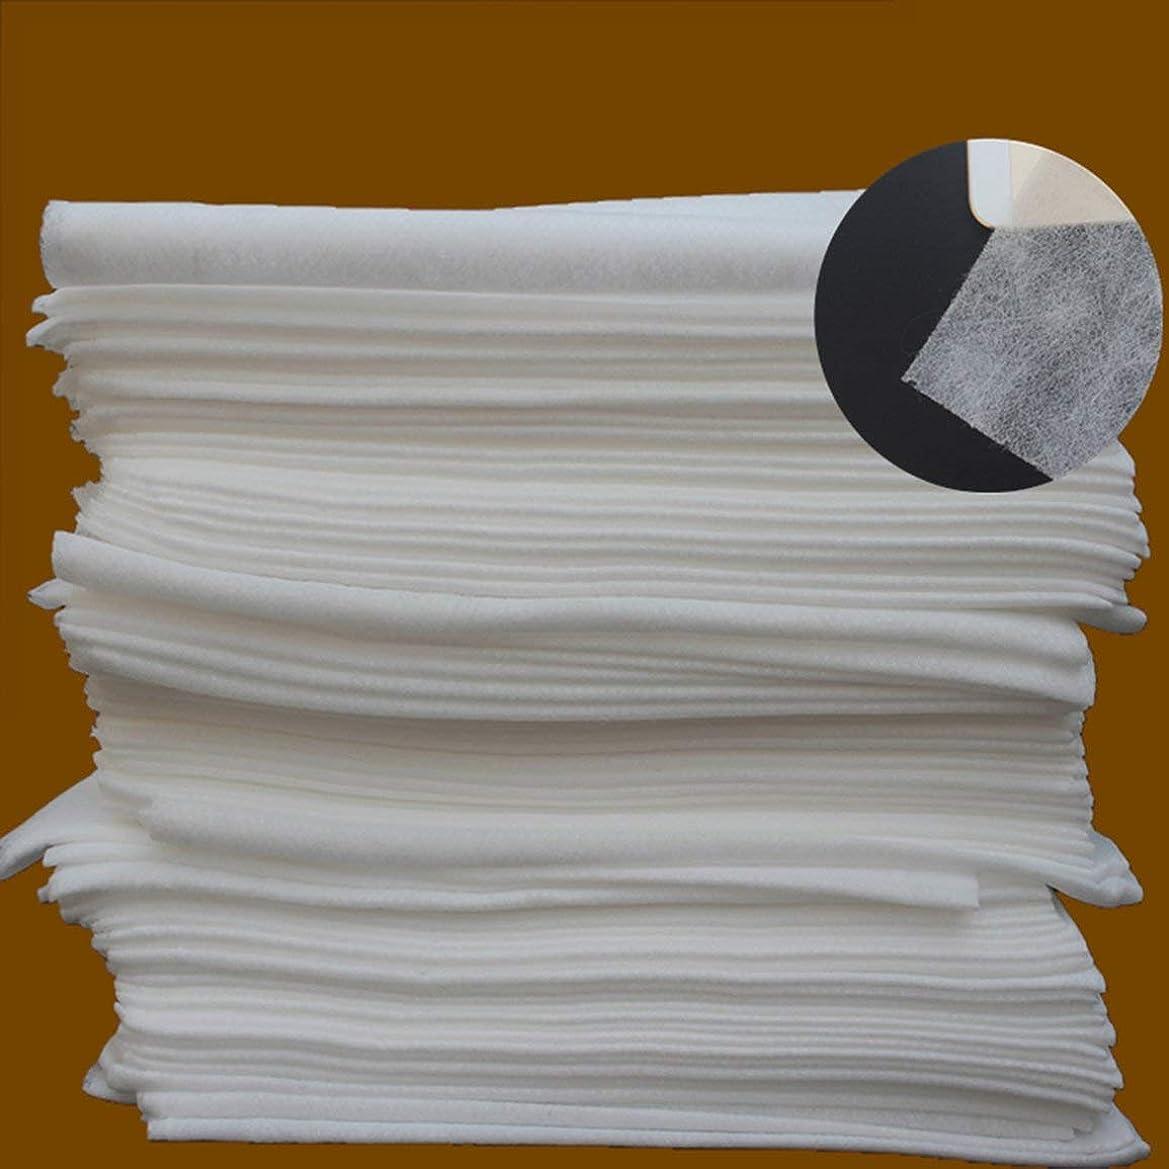 哲学シード驚き旅行スパサロンワックスマッサージトリートメント用ホワイト10個使い捨てベッドシーツ - ホワイト